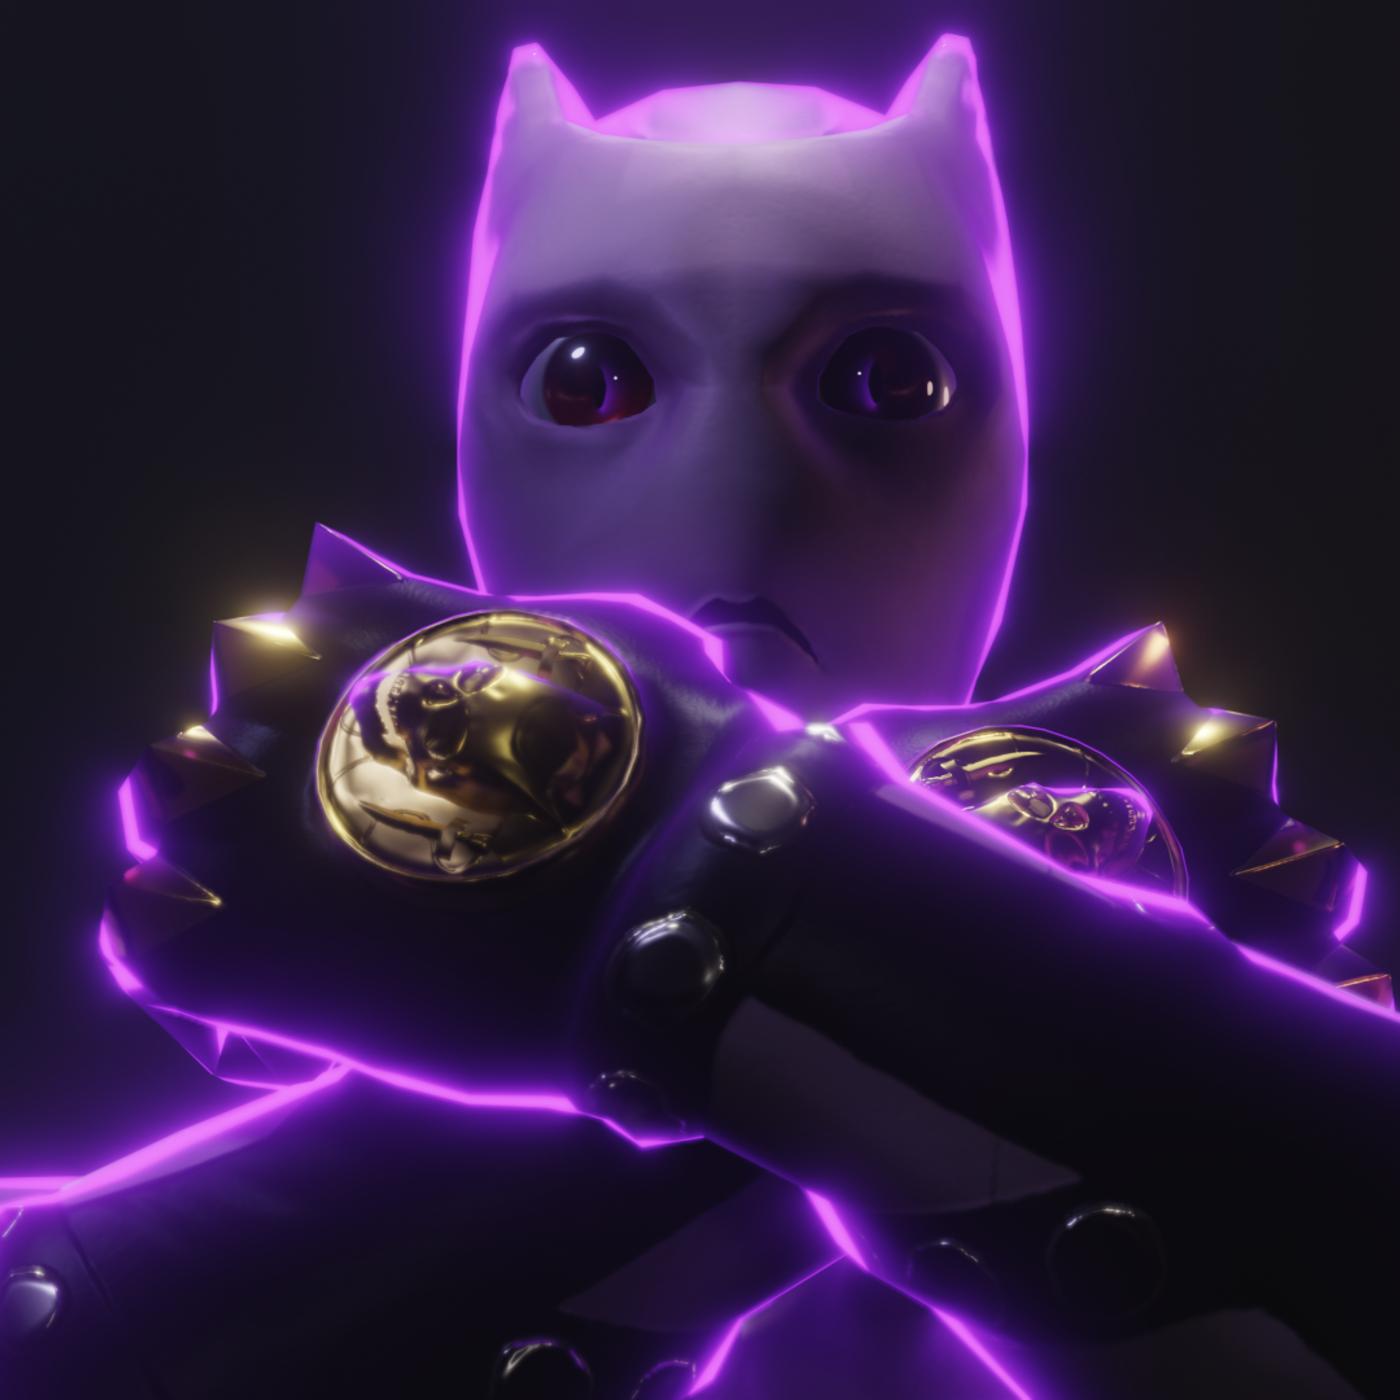 Killer Queen - From JoJo's Bizarre Adventures